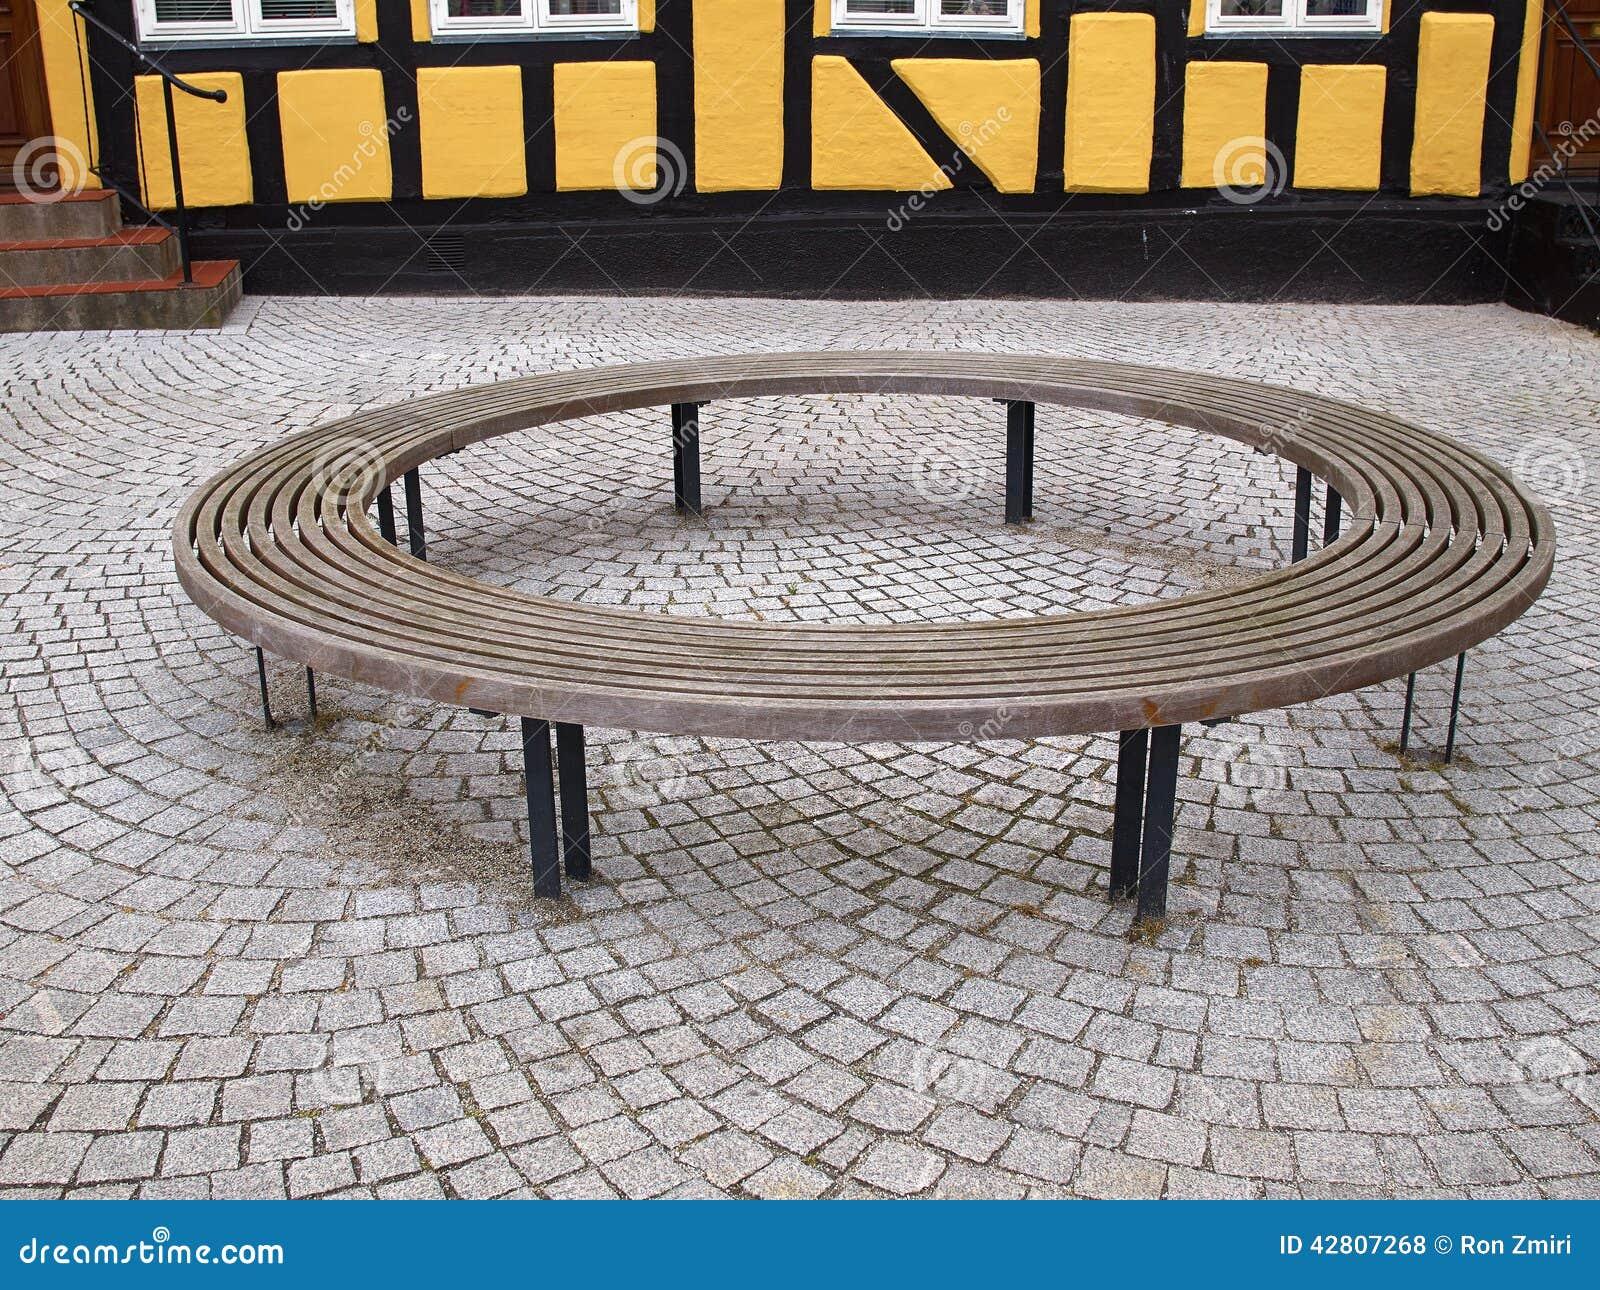 Banc circulaire rond en bois photo stock image 42807268 for Banc de jardin rond